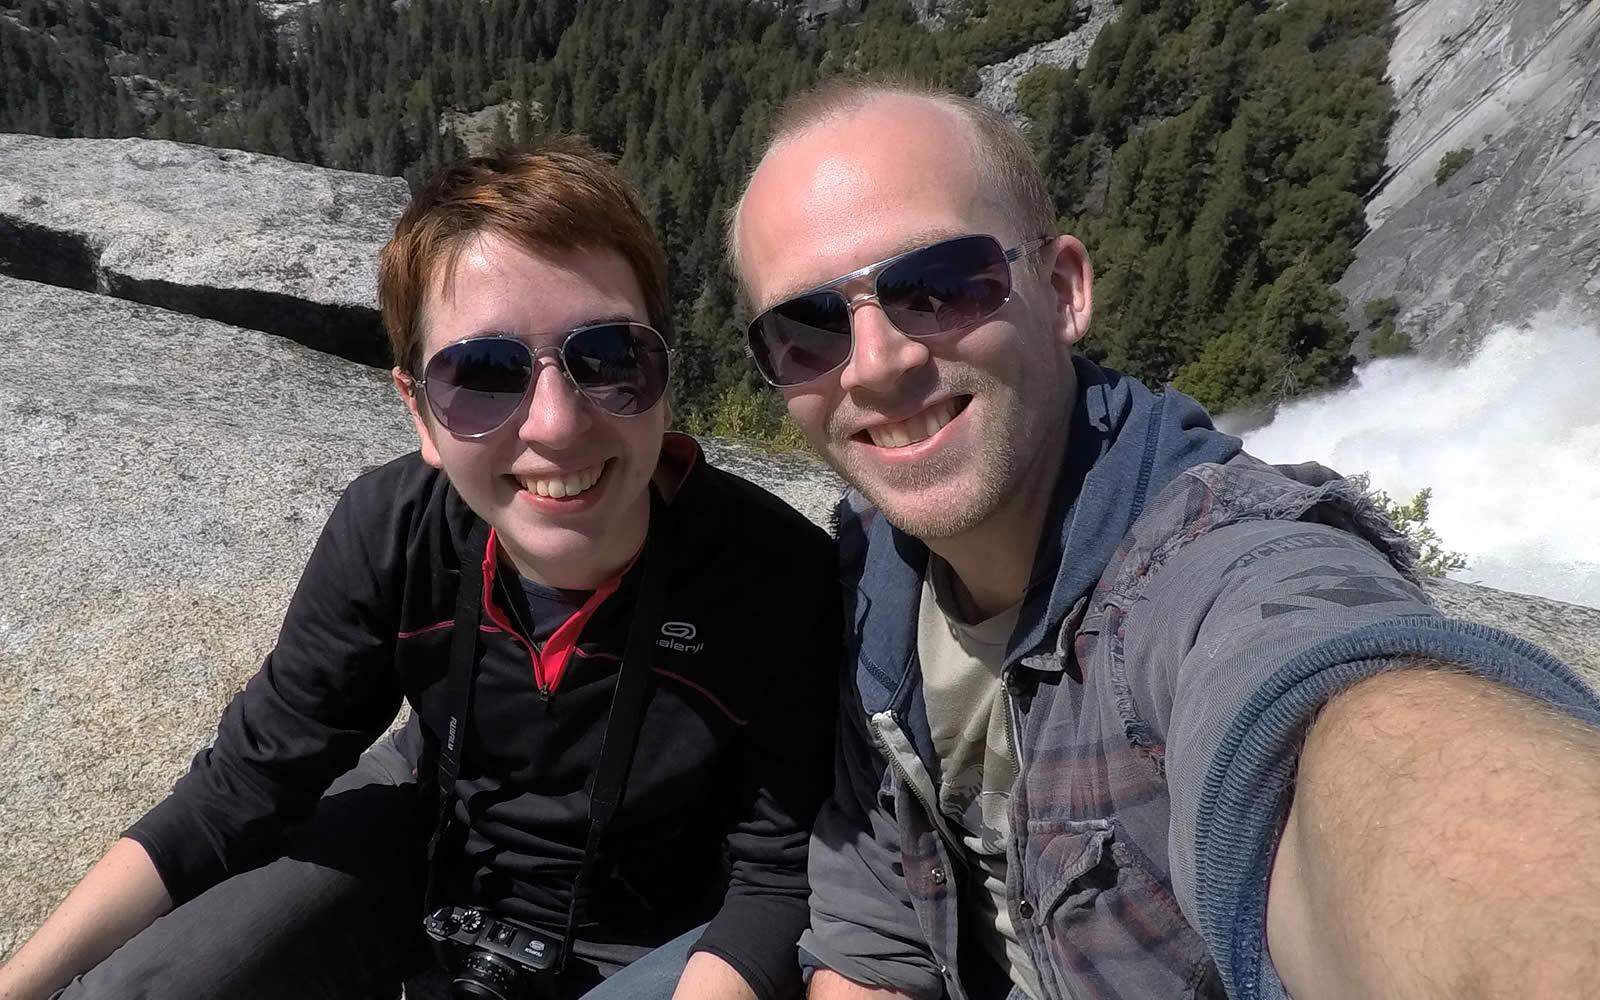 Lucile & Ray, une rencontre, une expatriation et un mariage en 2 ans